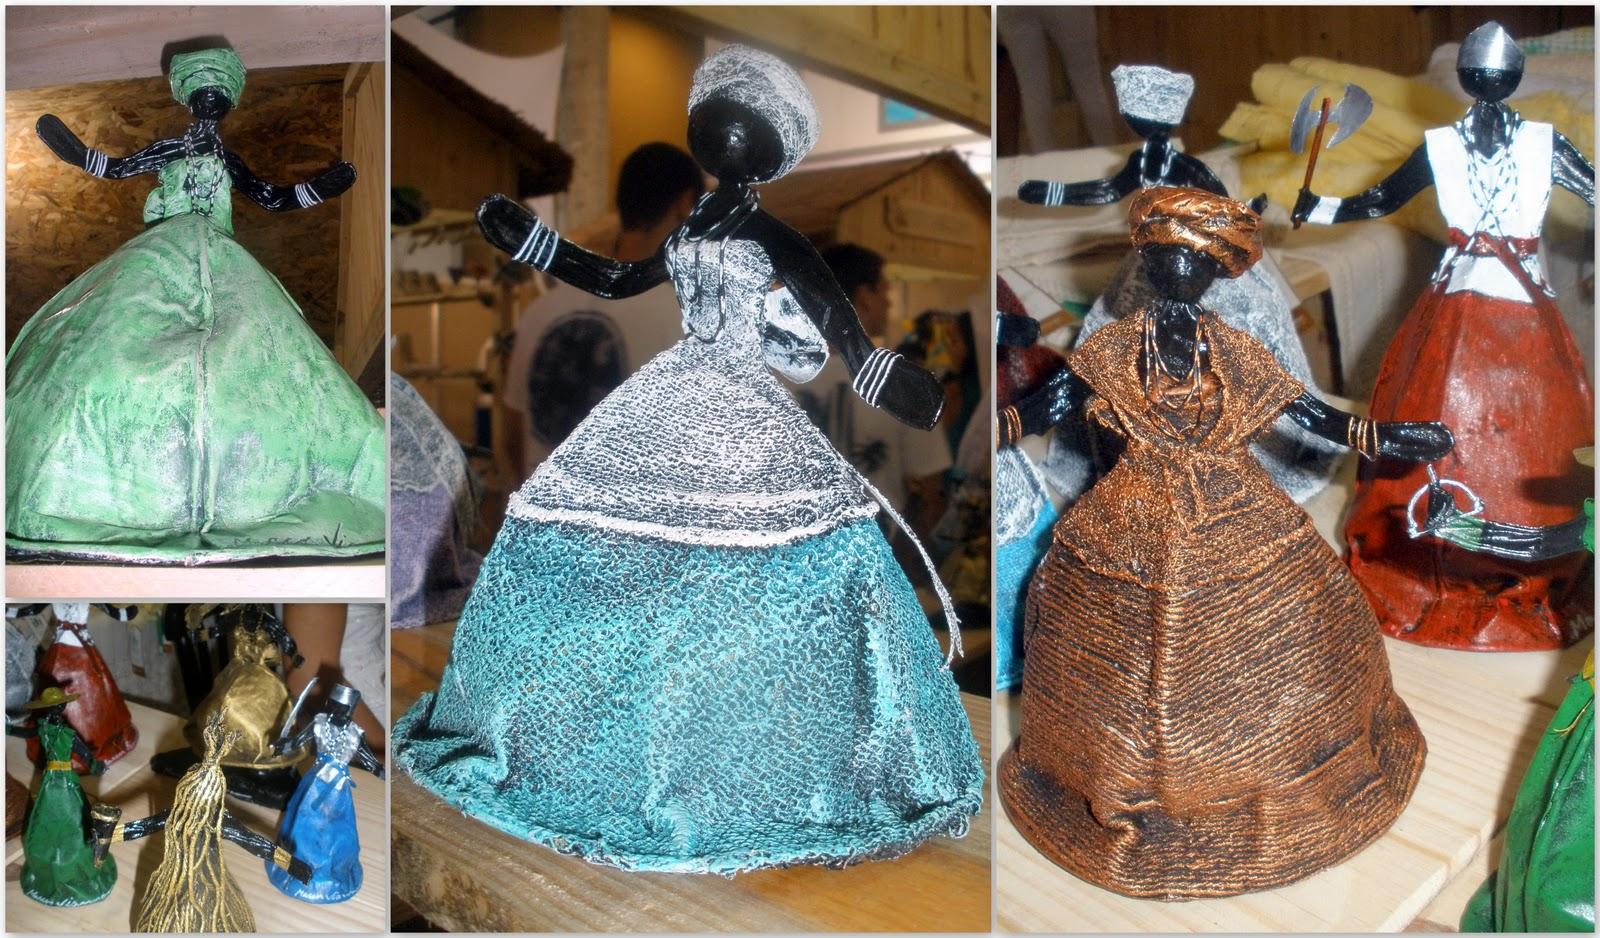 http://4.bp.blogspot.com/-UQMAfdu9Gaw/TpJH17gs7SI/AAAAAAAABAY/ILTCrDTZO9I/s1600/Feira+do+Empreendedor+2011.jpg